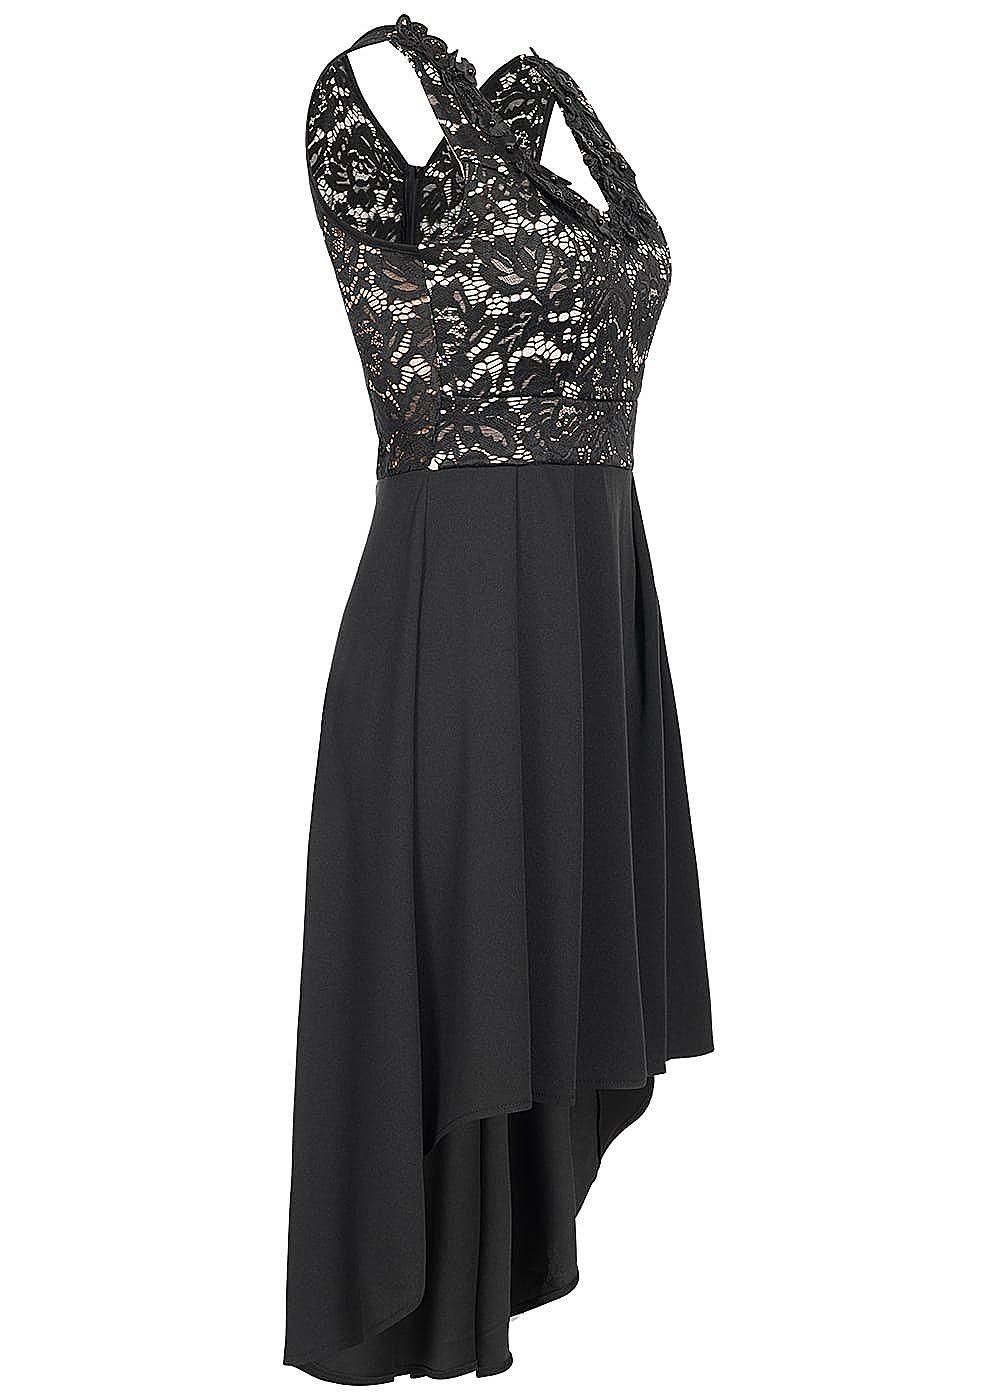 styleboom fashion damen kleid spitze deko blumen brustpads schwarz rosa 77onlineshop. Black Bedroom Furniture Sets. Home Design Ideas